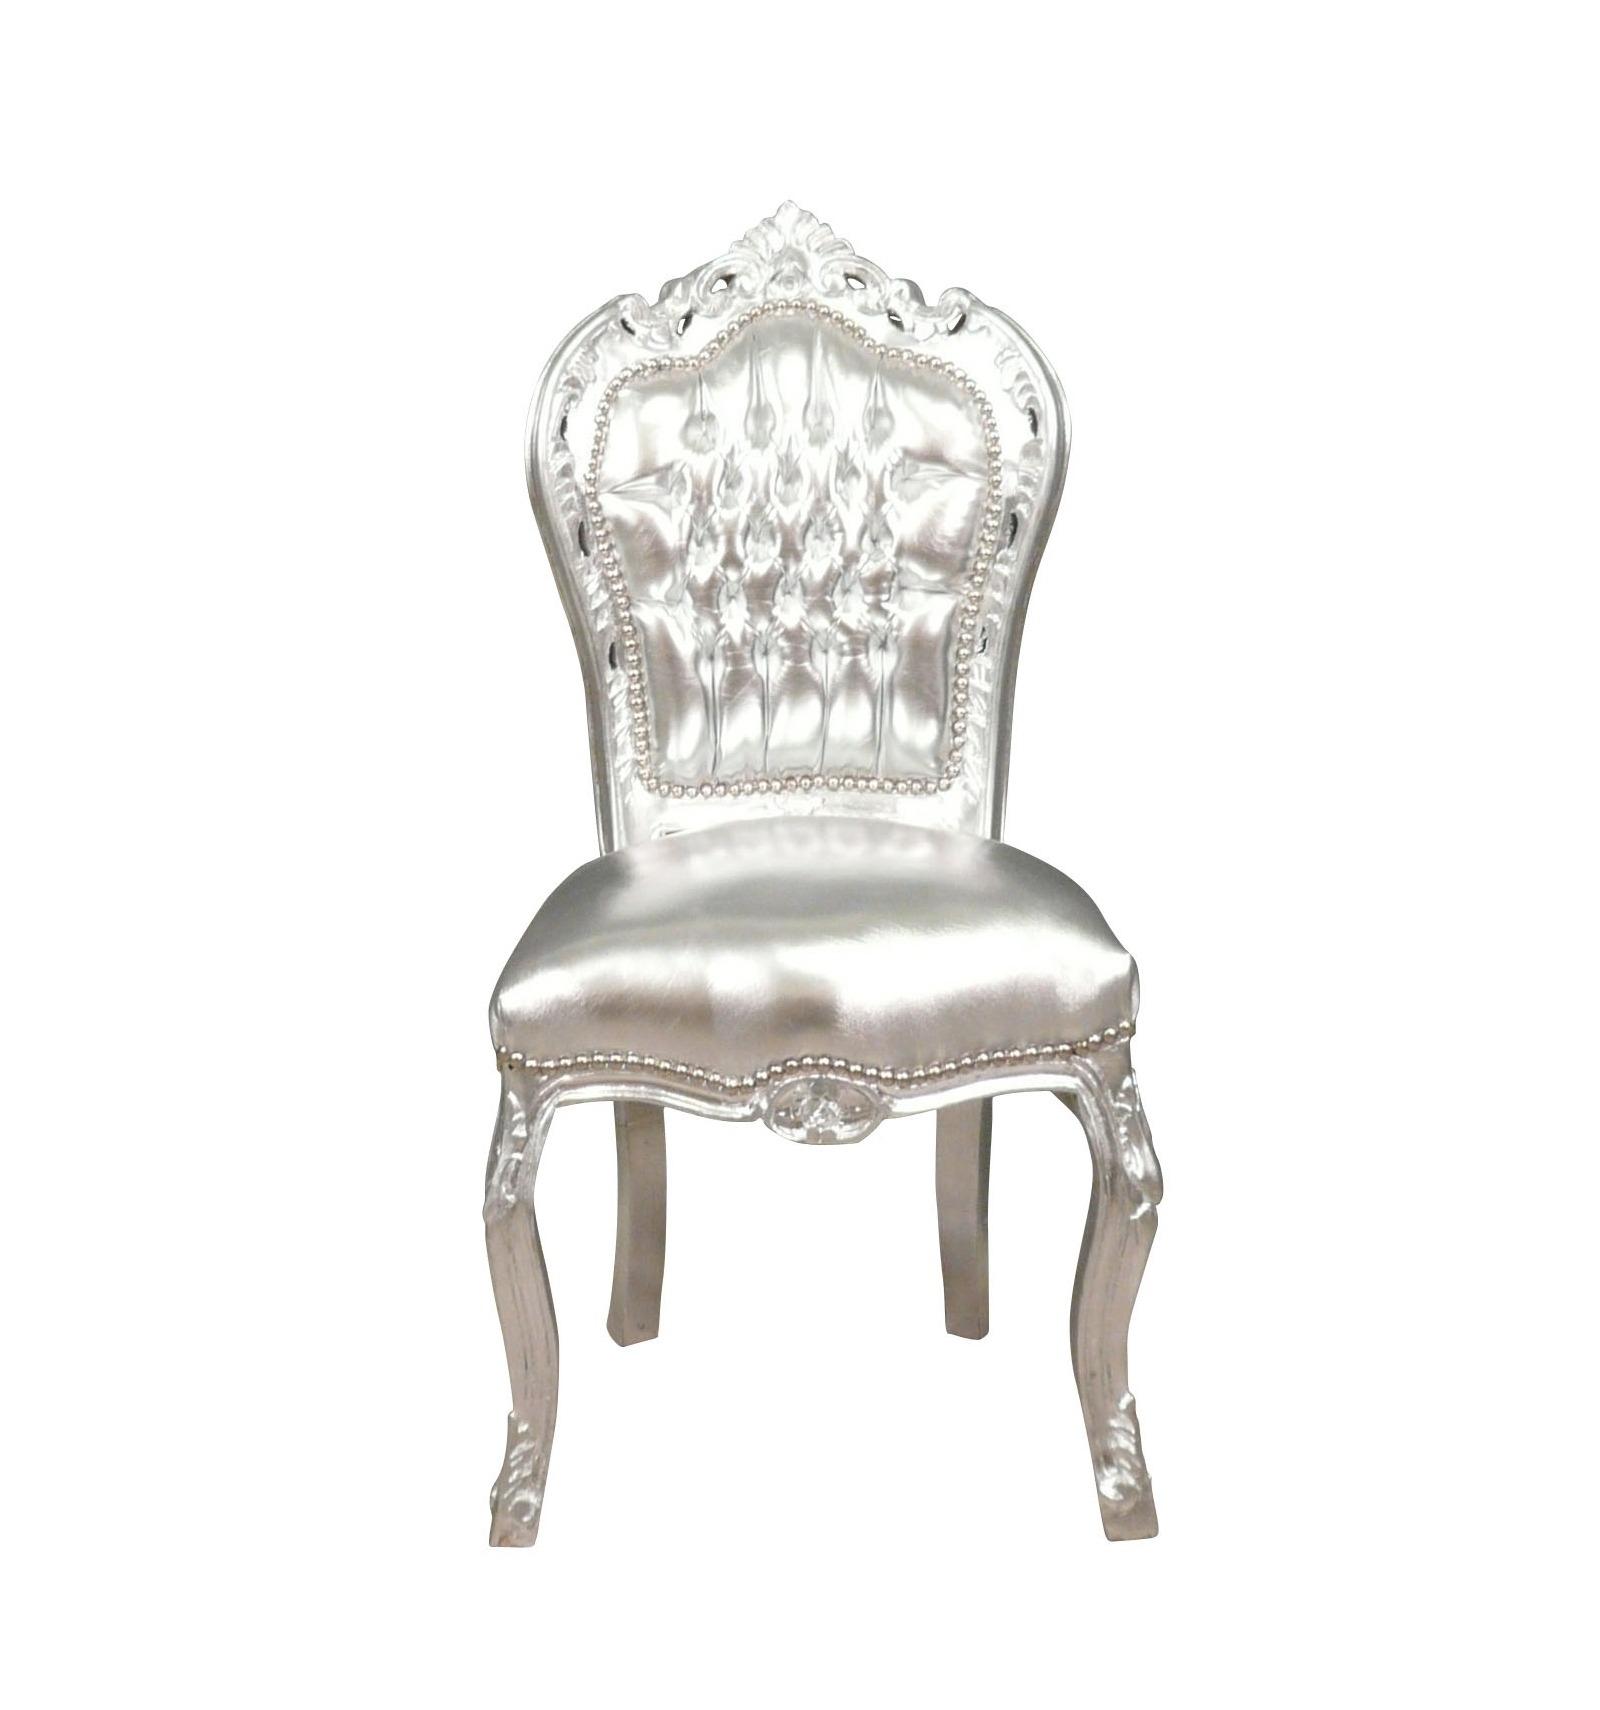 chaise baroque argent e pouf canap commode et meuble design. Black Bedroom Furniture Sets. Home Design Ideas